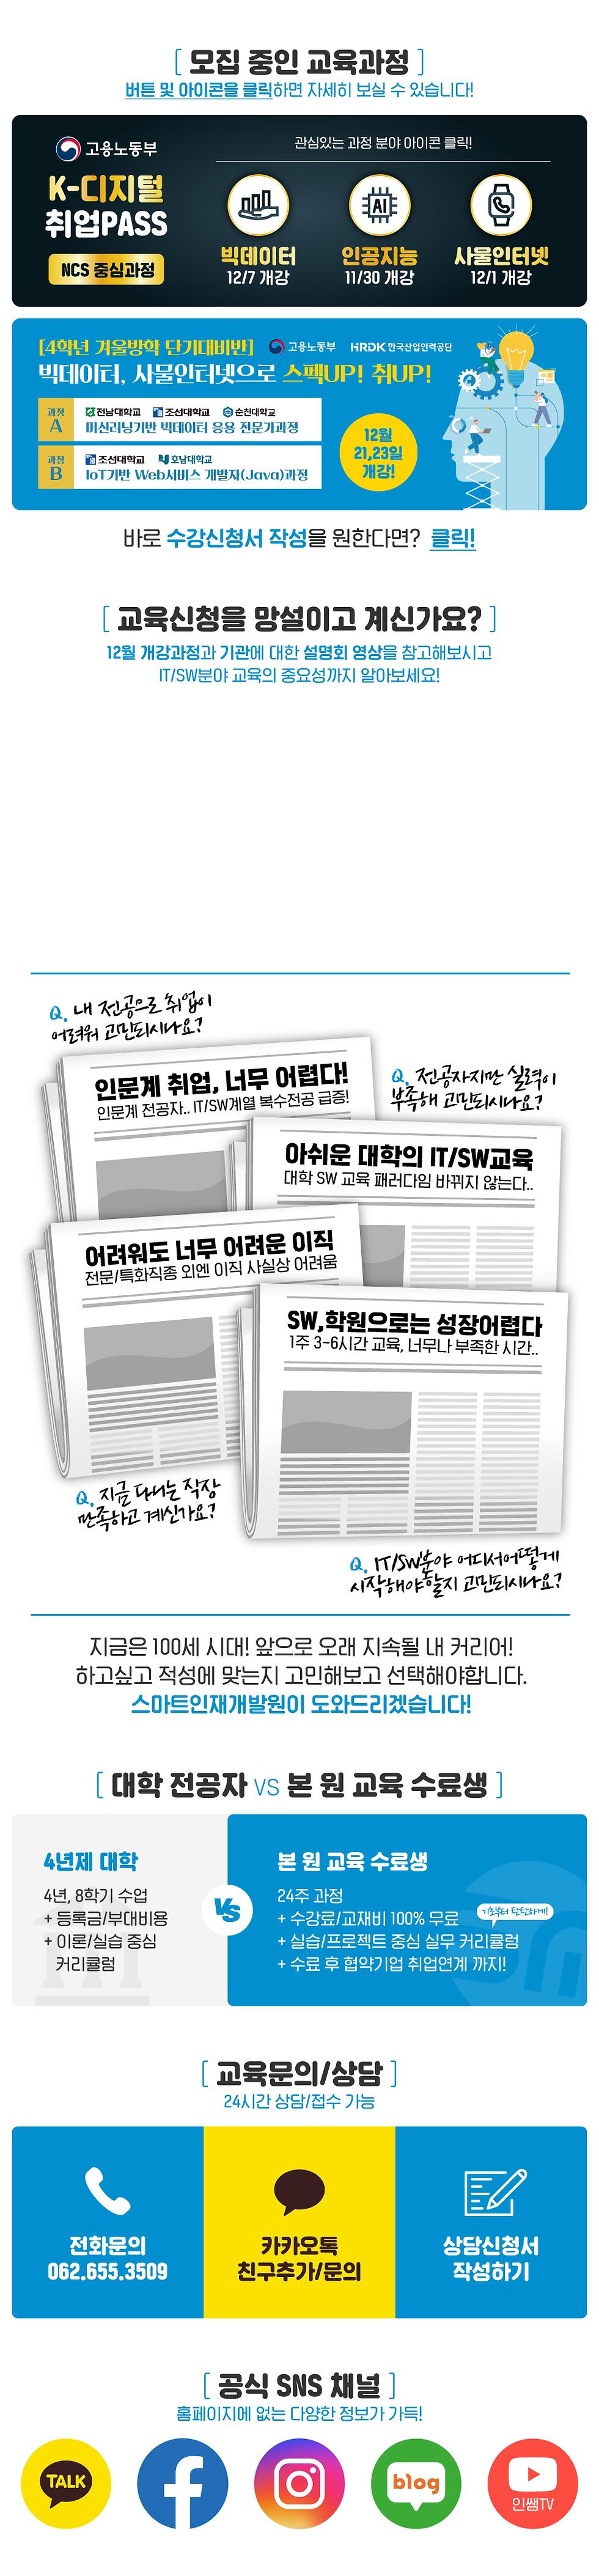 홈페이지개편_교육과정(201029).png